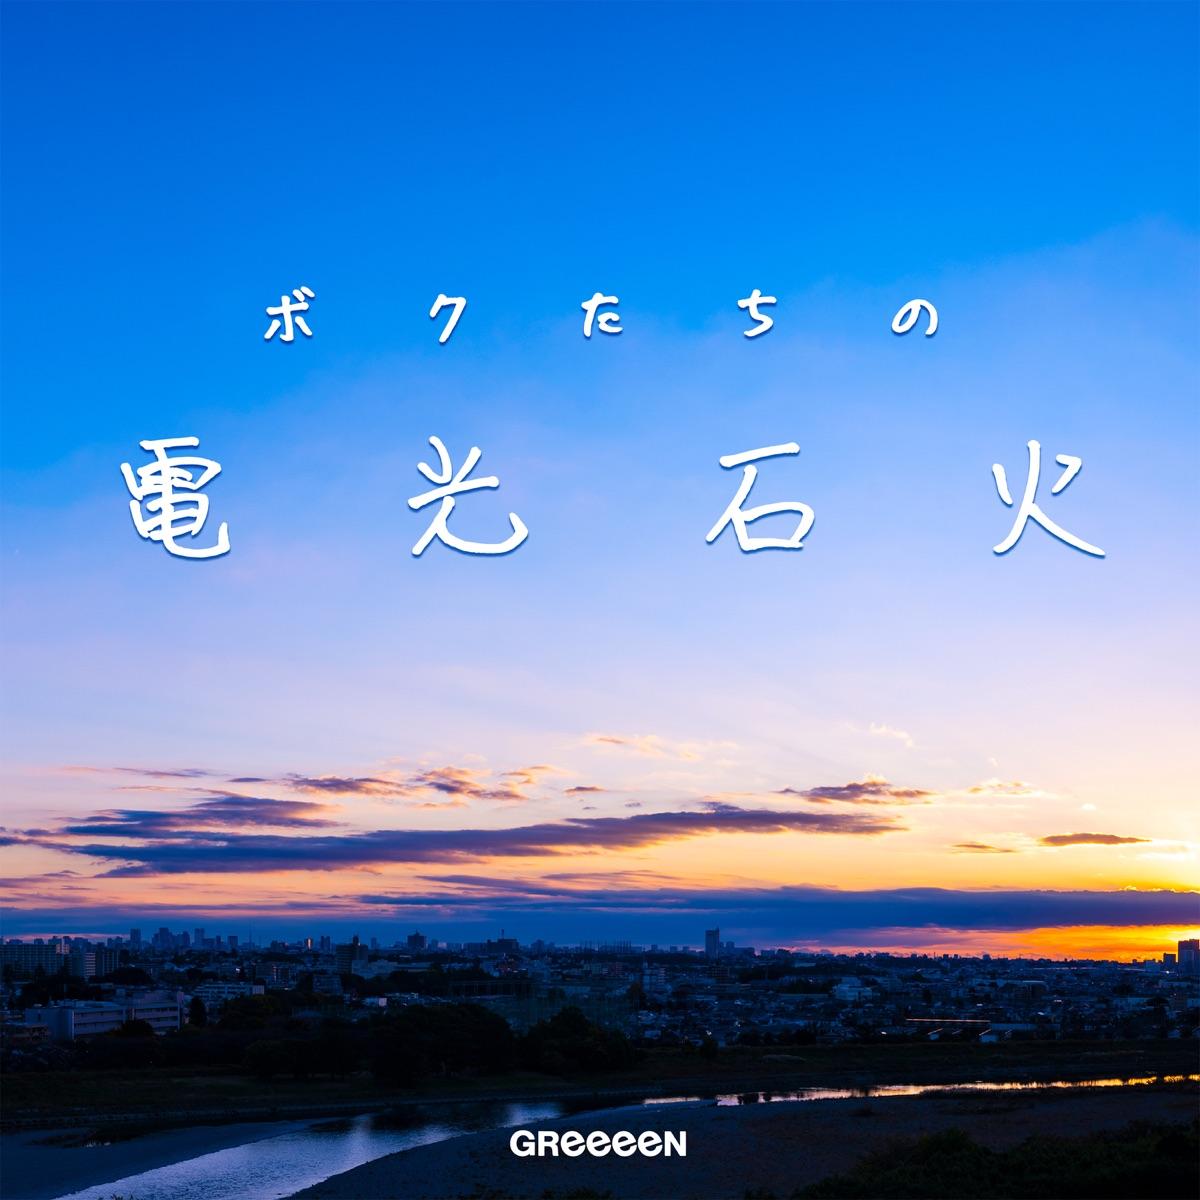 『GReeeeN - おまじない』収録の『おまじない』ジャケット